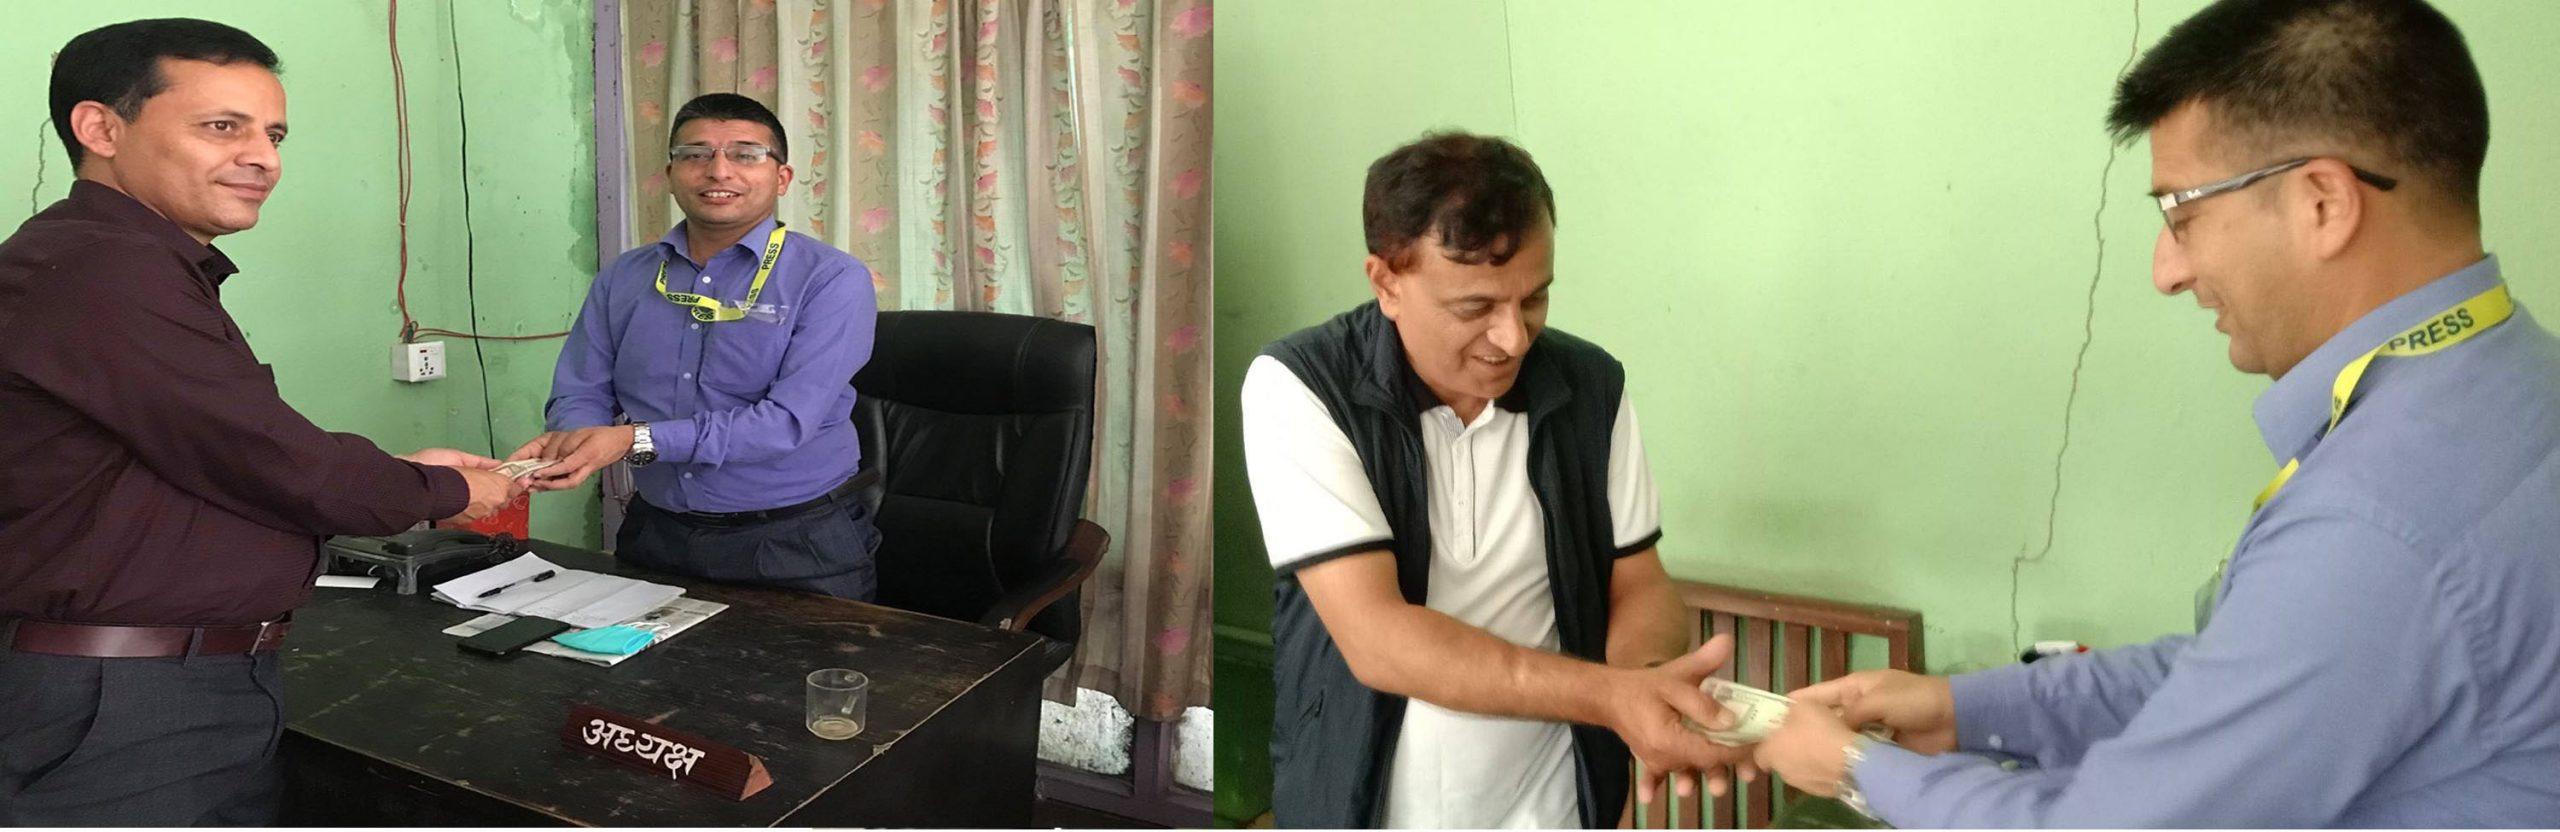 पत्रकार सहायत कोषमा सहयोगी हात थपिने क्रम जारी